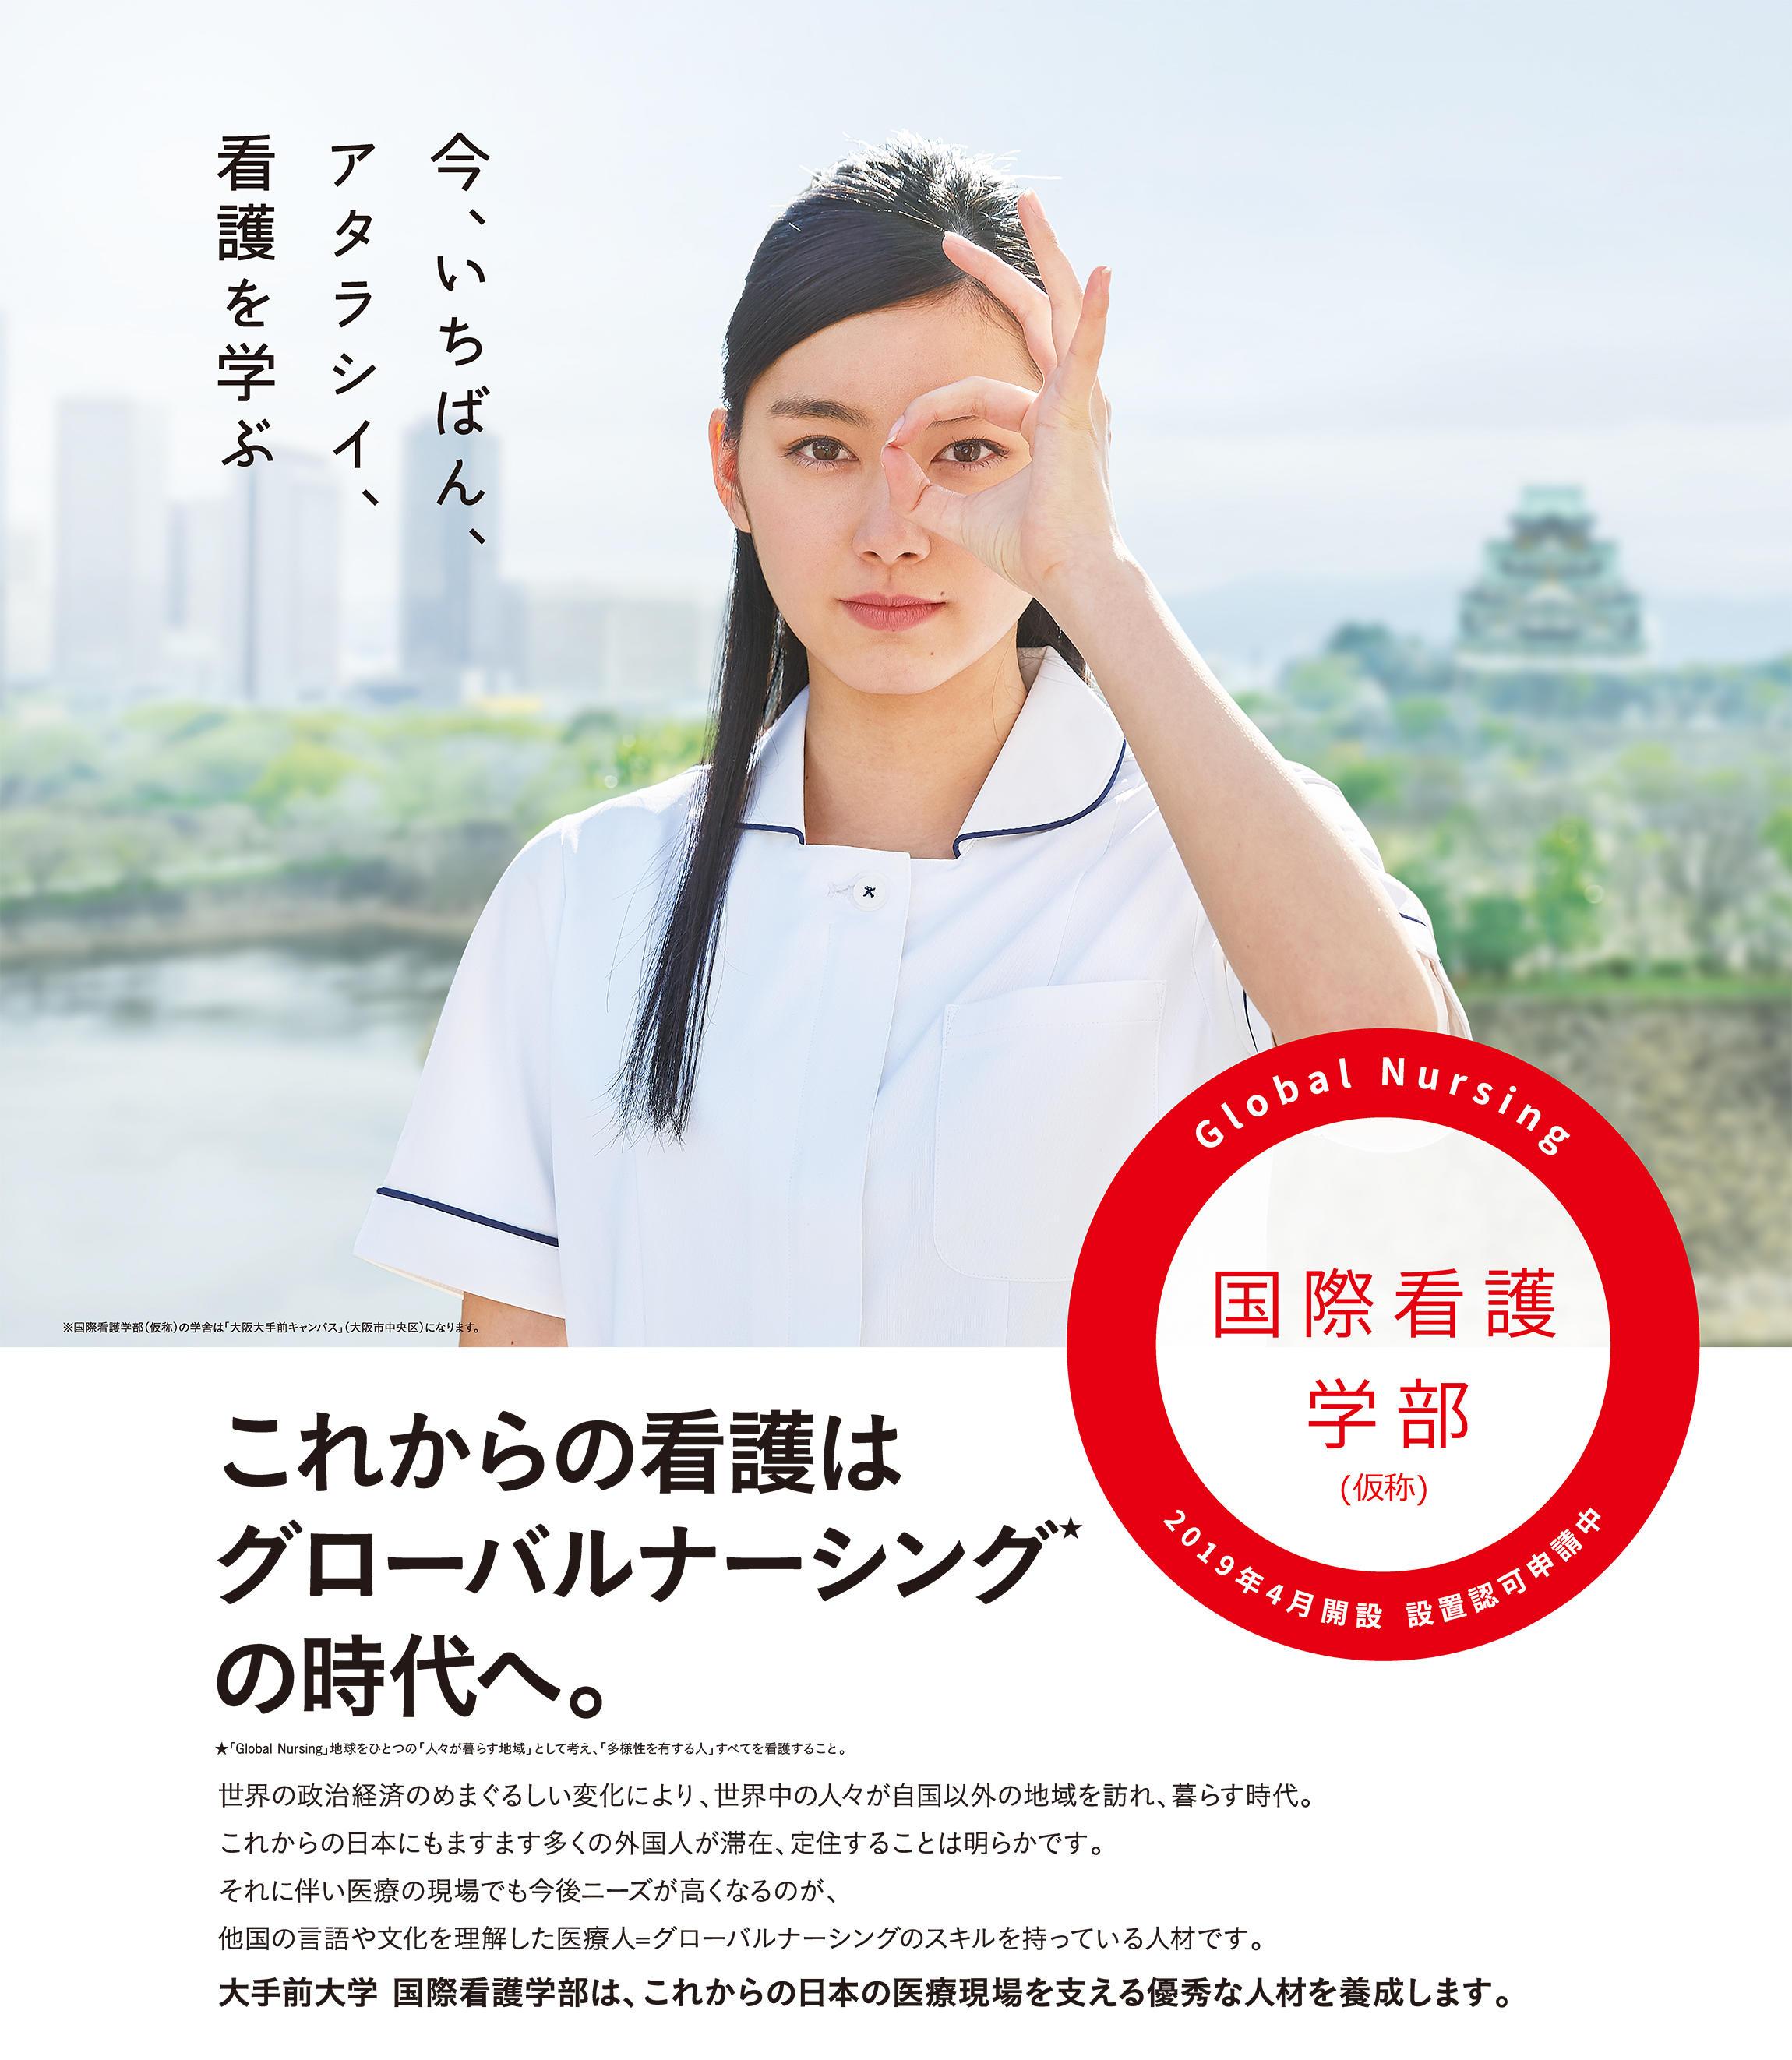 大手前大学が日本初となる「国際看護学部」(仮称)の設置認可を申請 -- 2019年4月開設予定